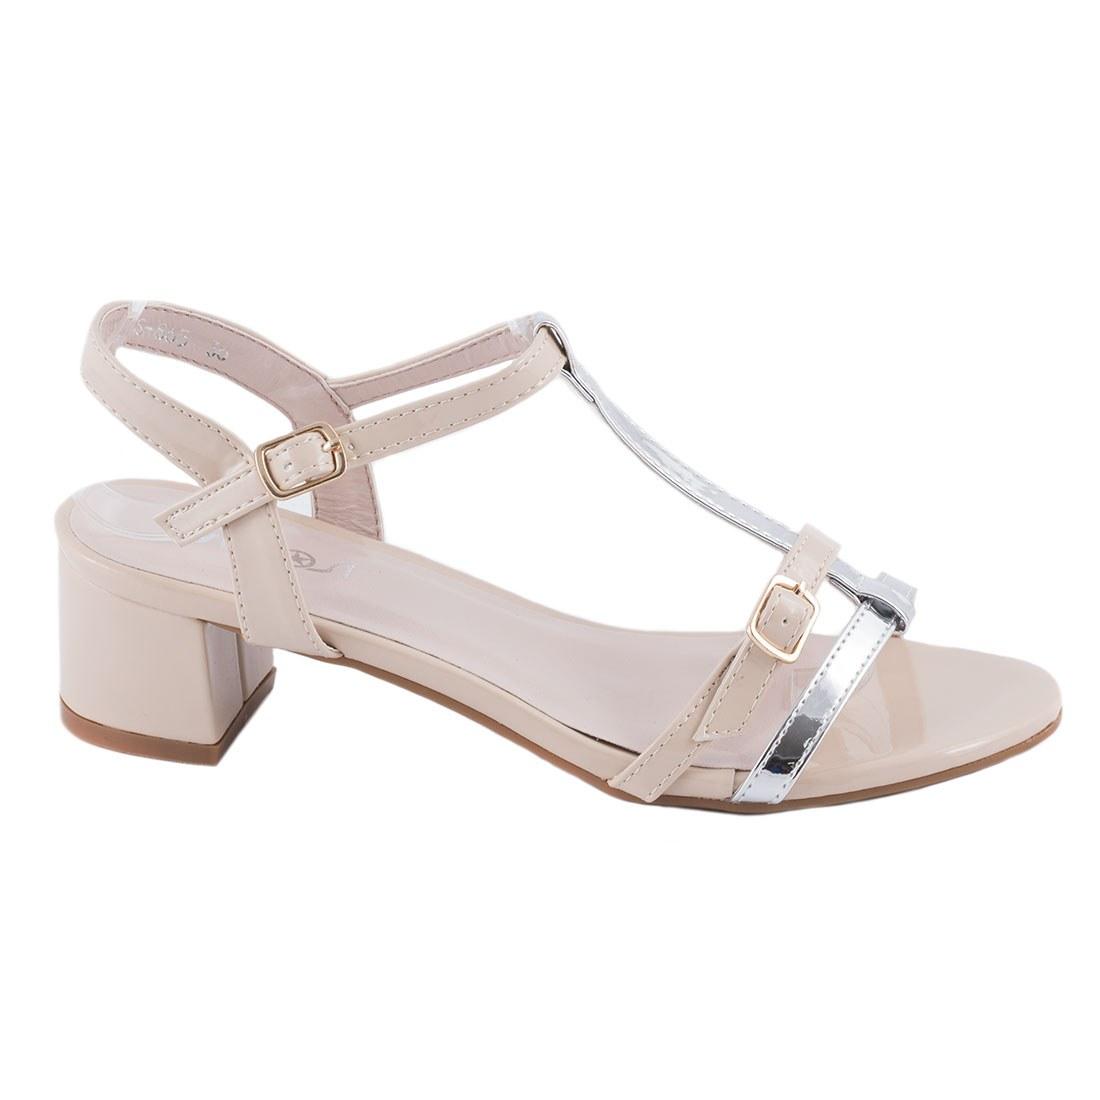 Sandale de dama bej cu toc GRS-865-A-O